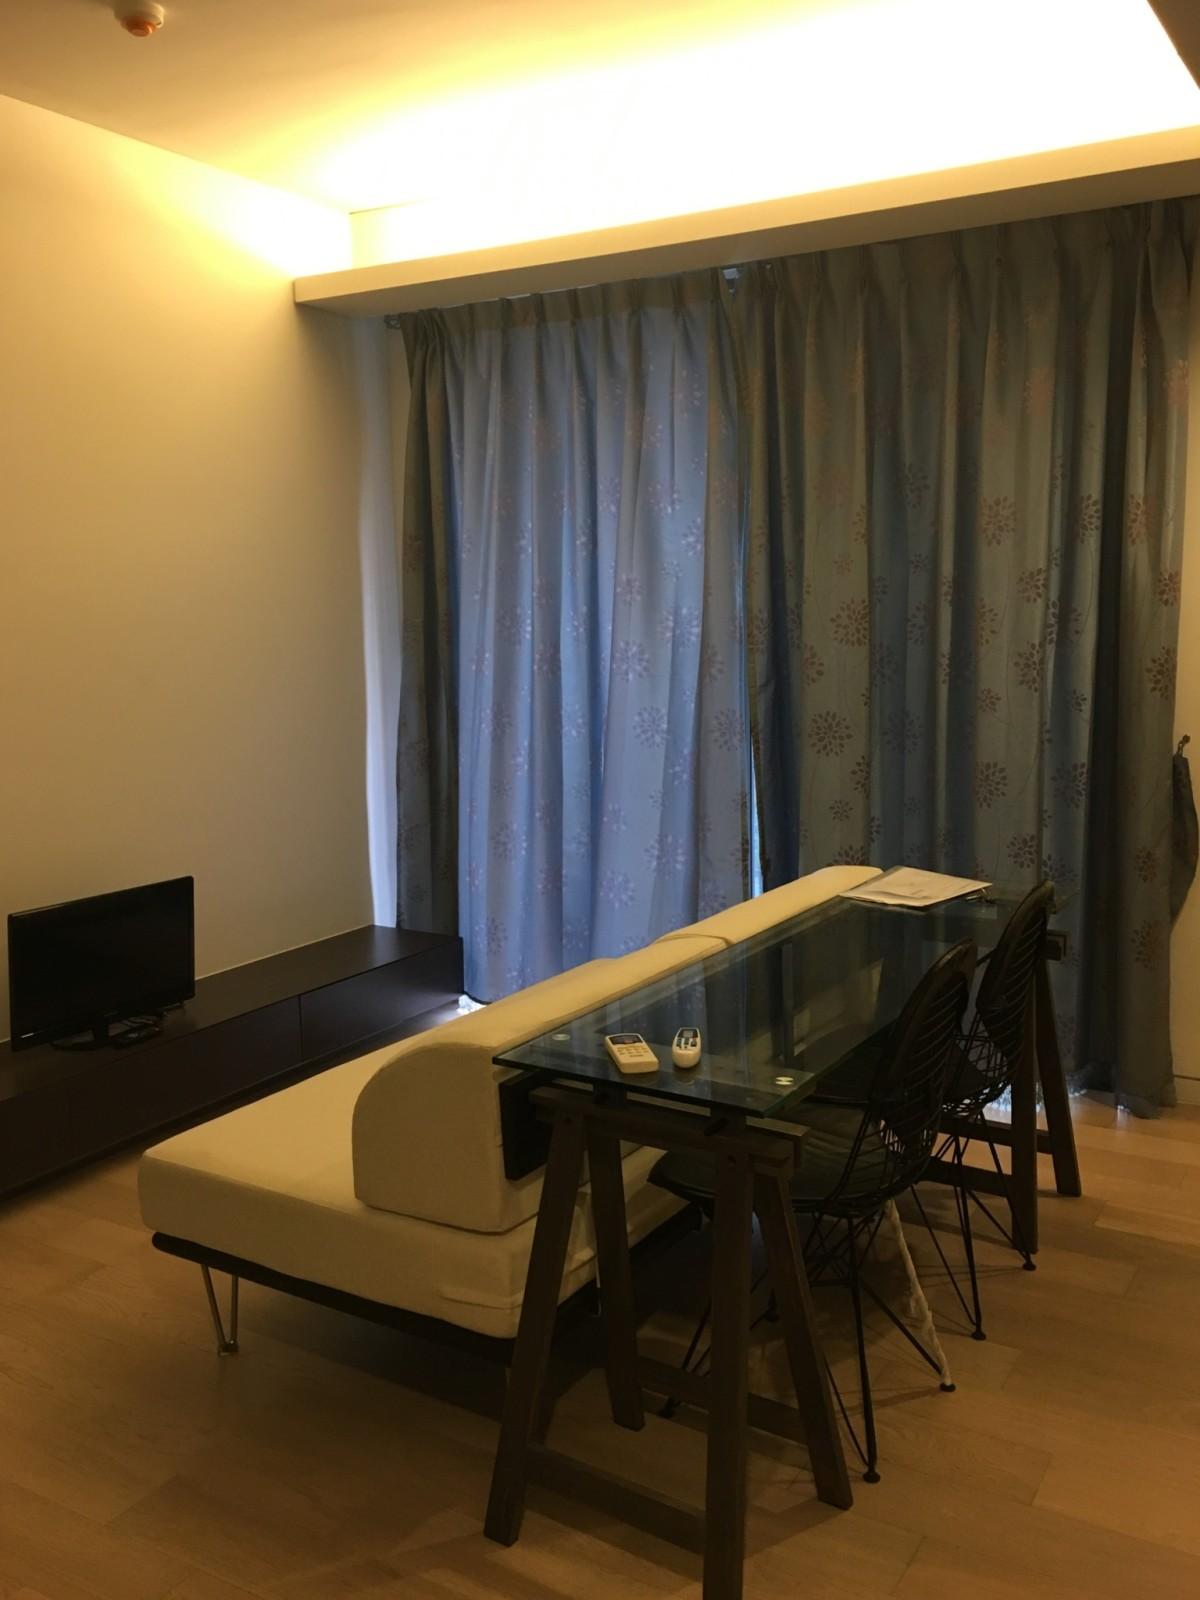 ประกาศให้เช่า Siamese ราชครู ใกล้ BTS สนามเป้า 1 ห้องนอน 31 ตร.ม. ชั้น 8 15k/เดือน วิวสวย อากาศถ่ายเทสะดวก